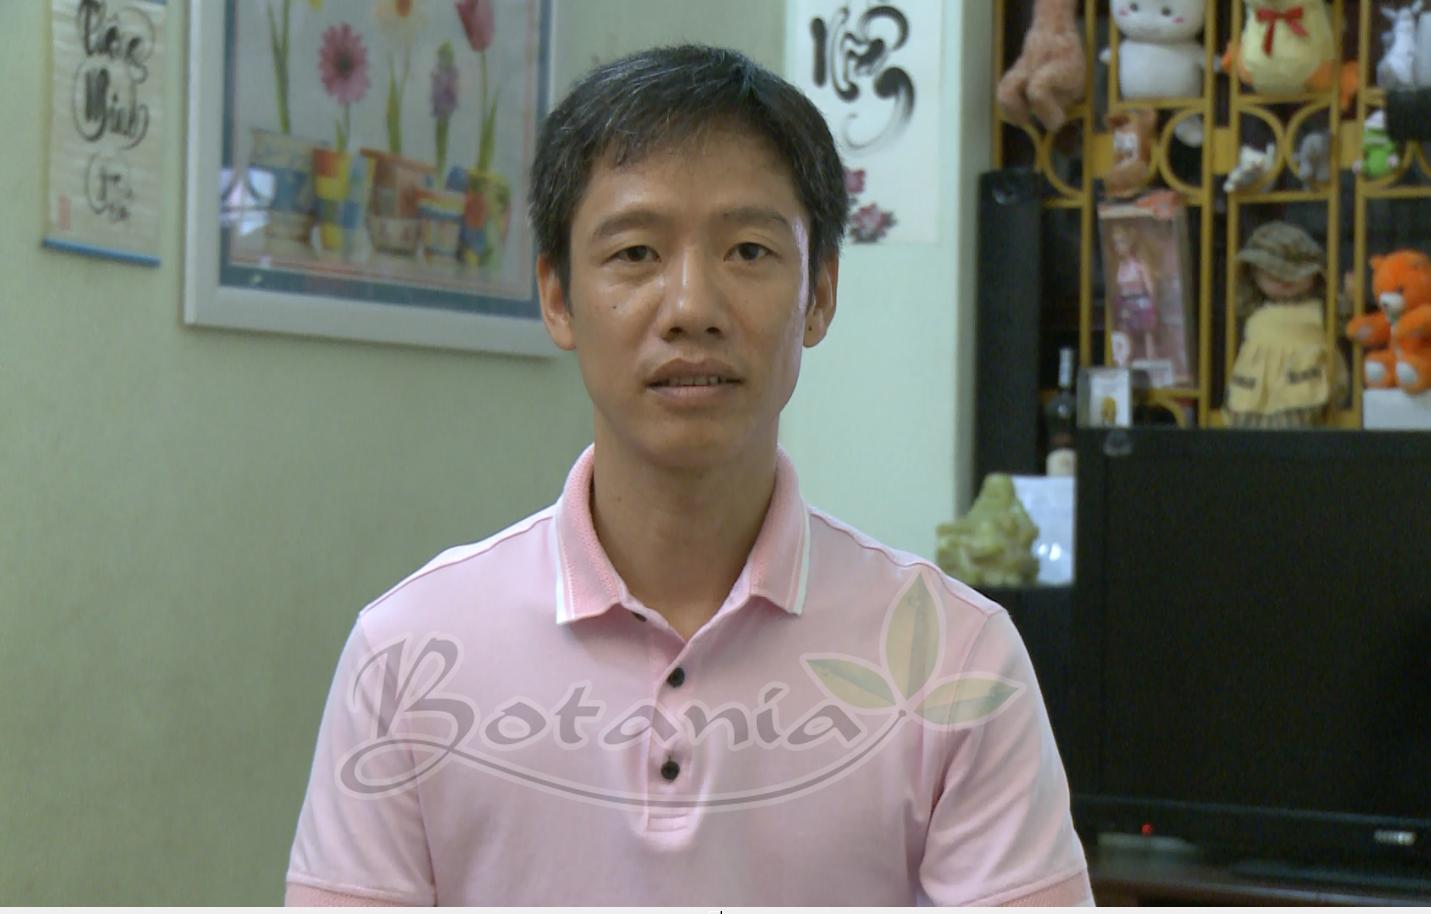 anh Trần Quang Tranh, 43 tuổi ở số 16, ngõ 81, phố Đức Giang, Long Biên, Hà Nội